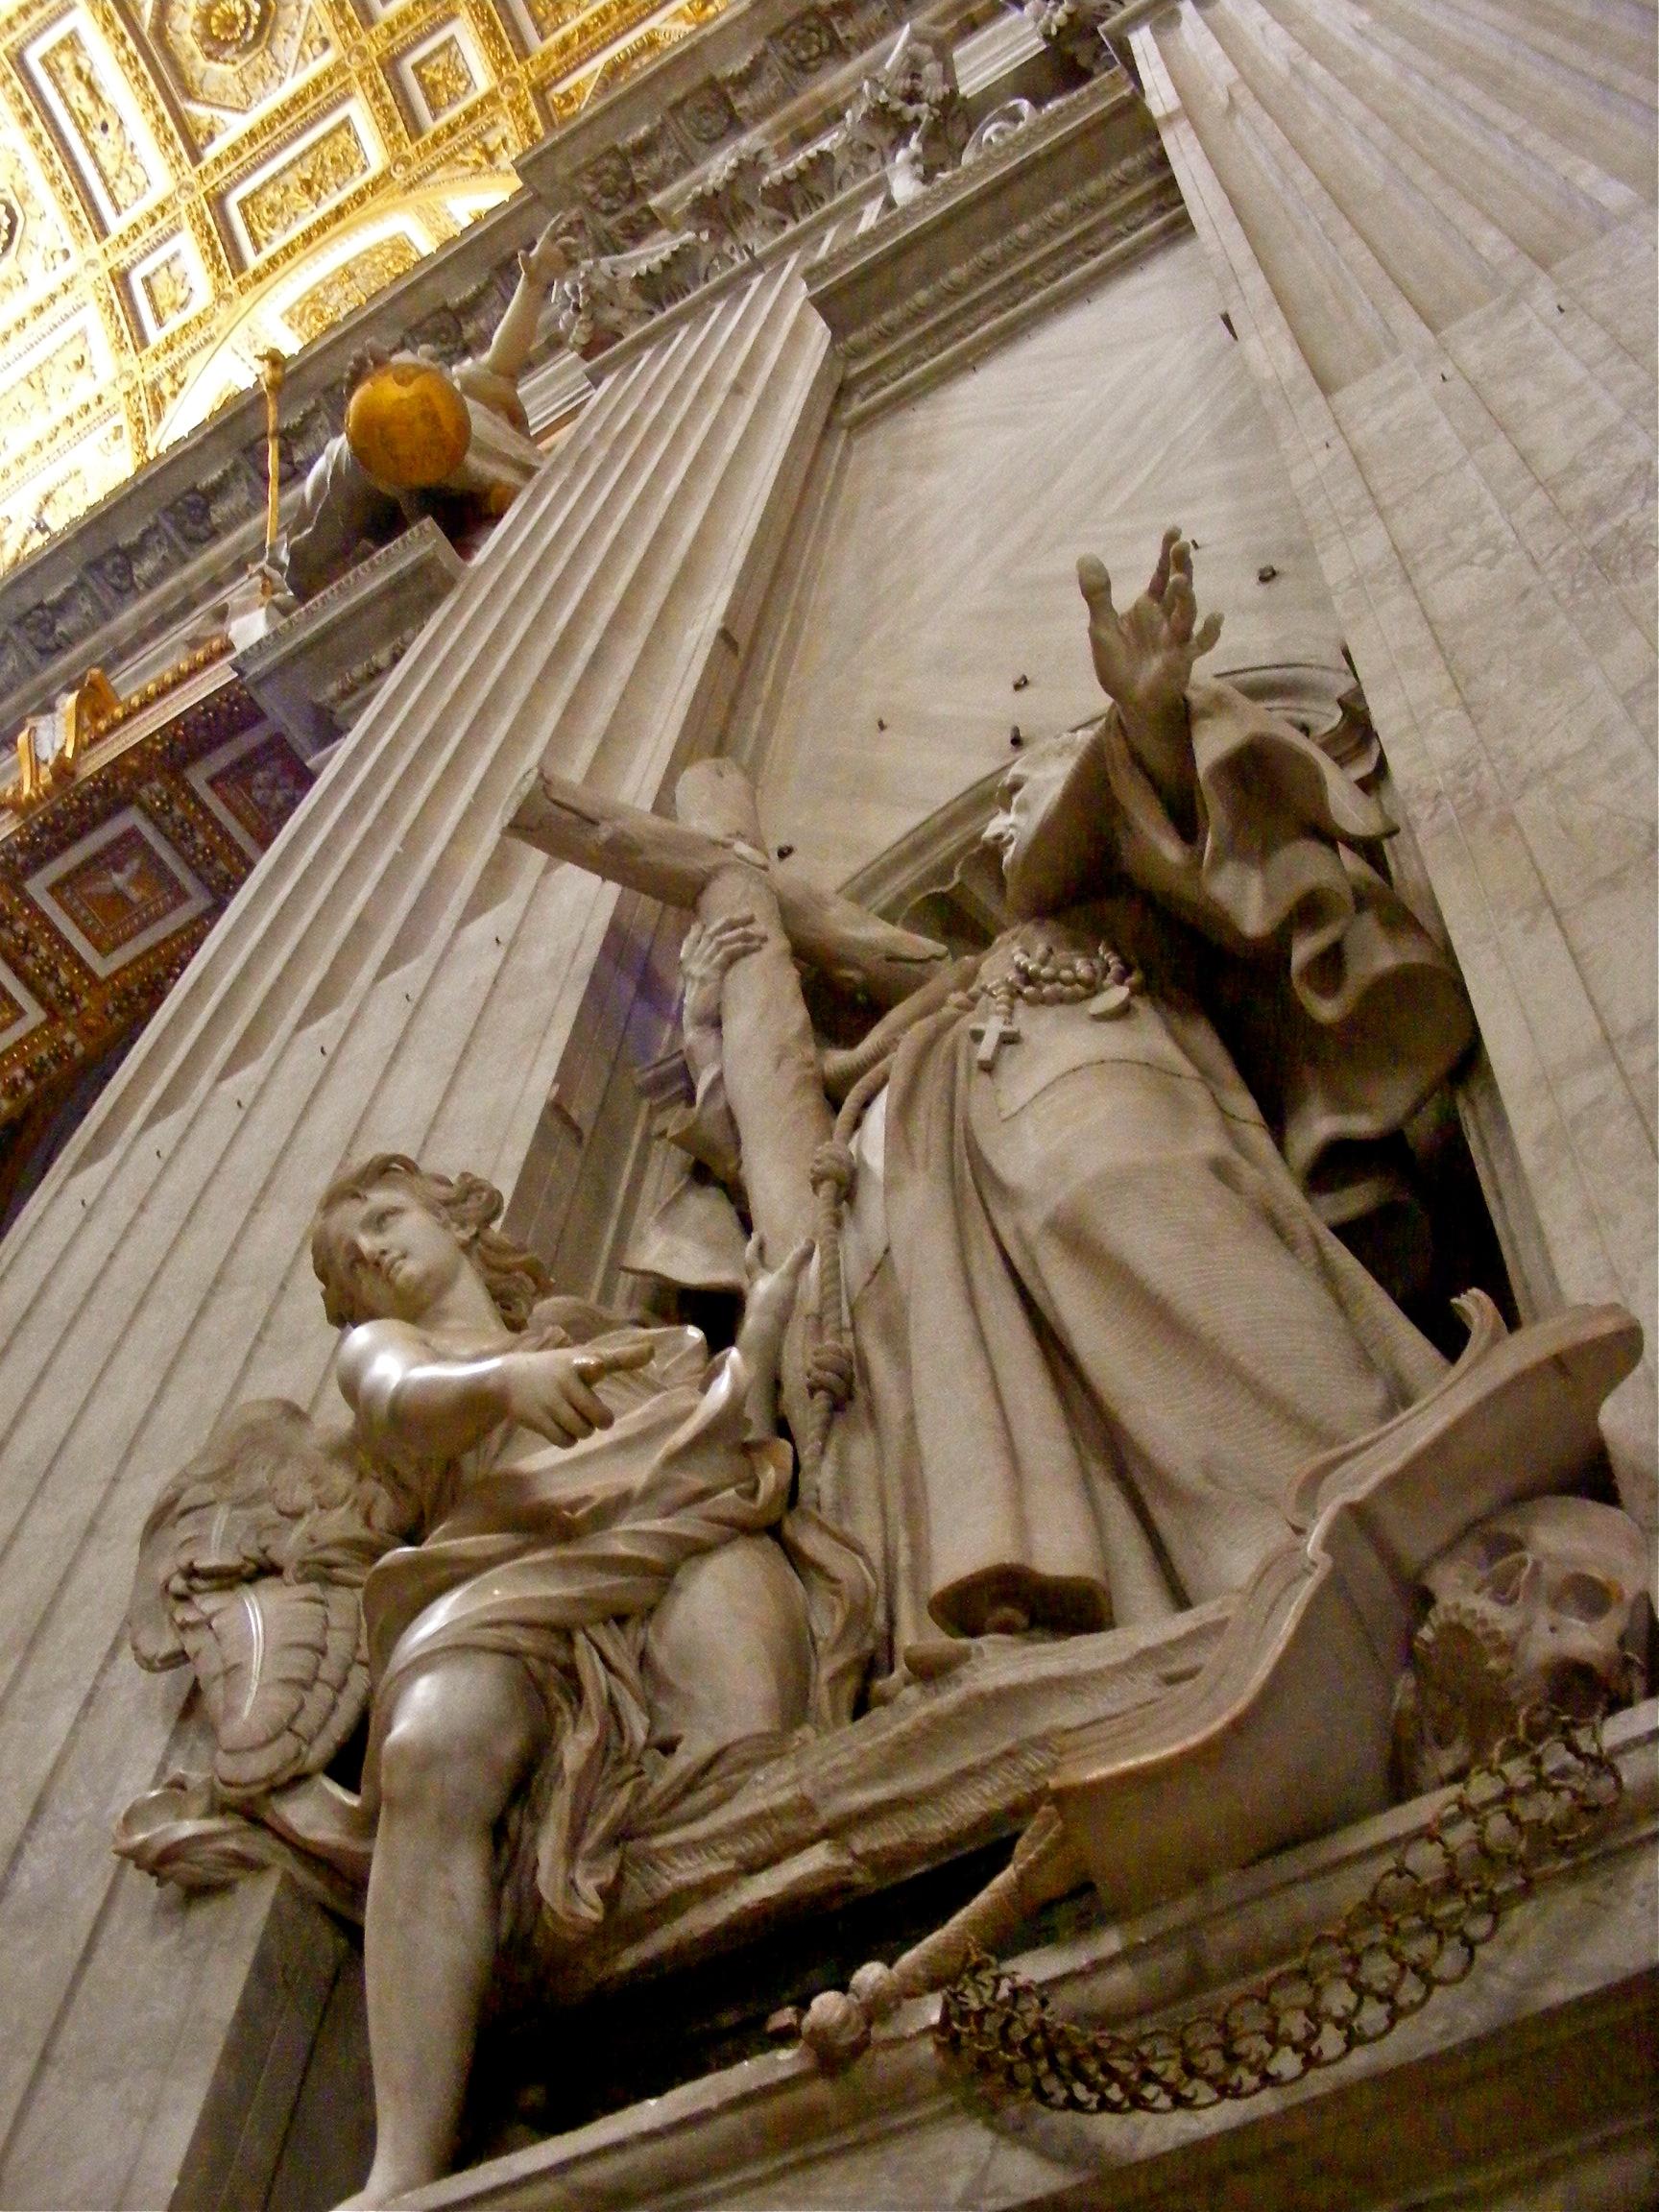 st peters basilica vatican city